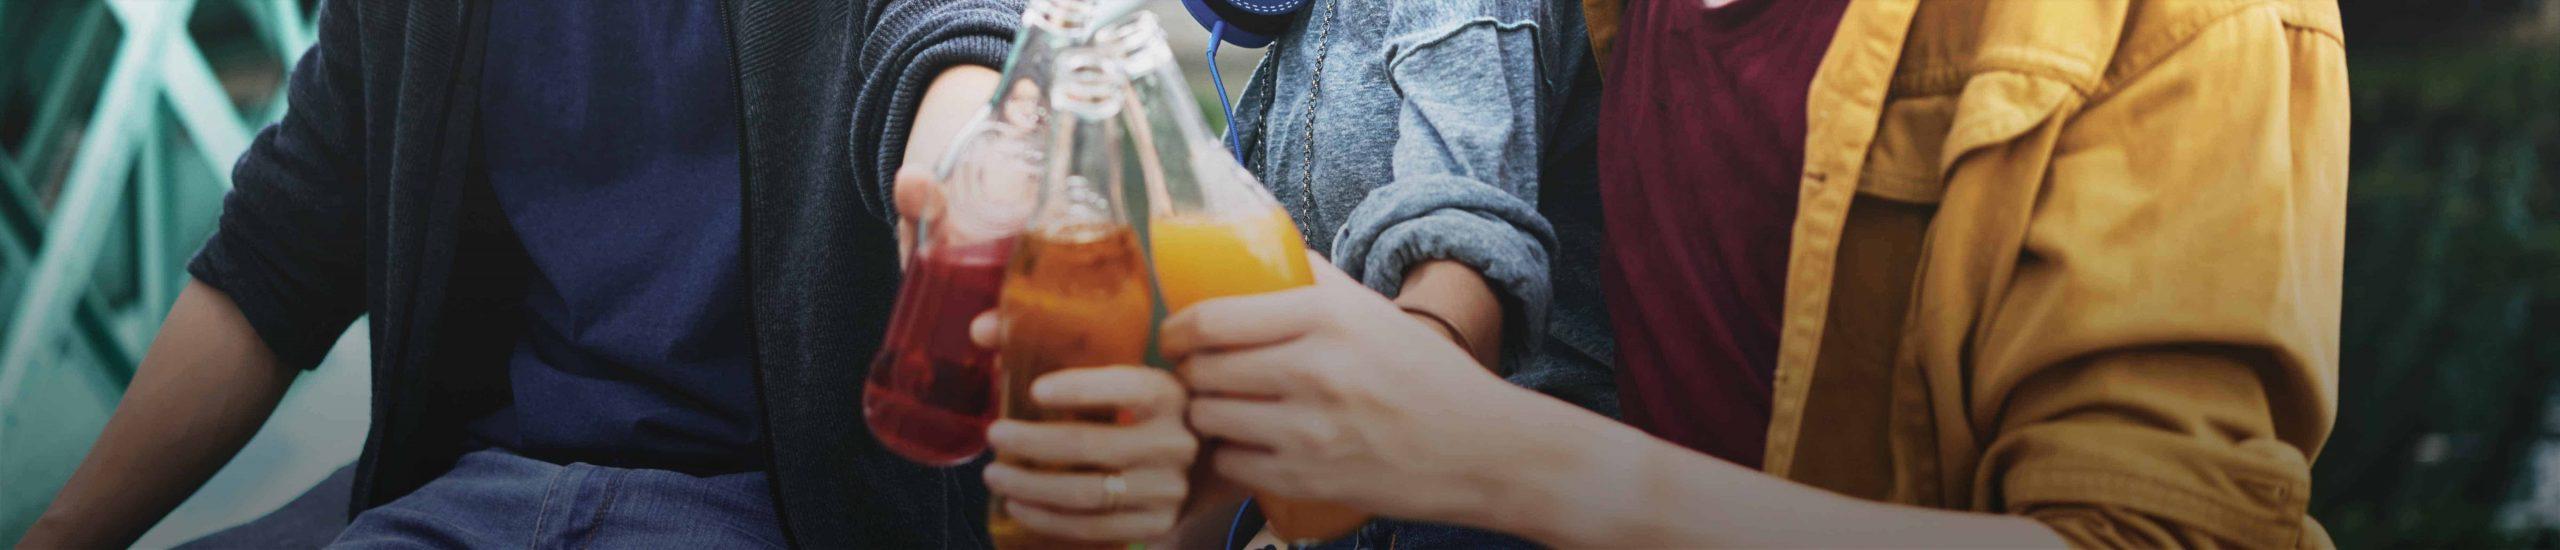 Beverage Pressure Sensitive Labels Header